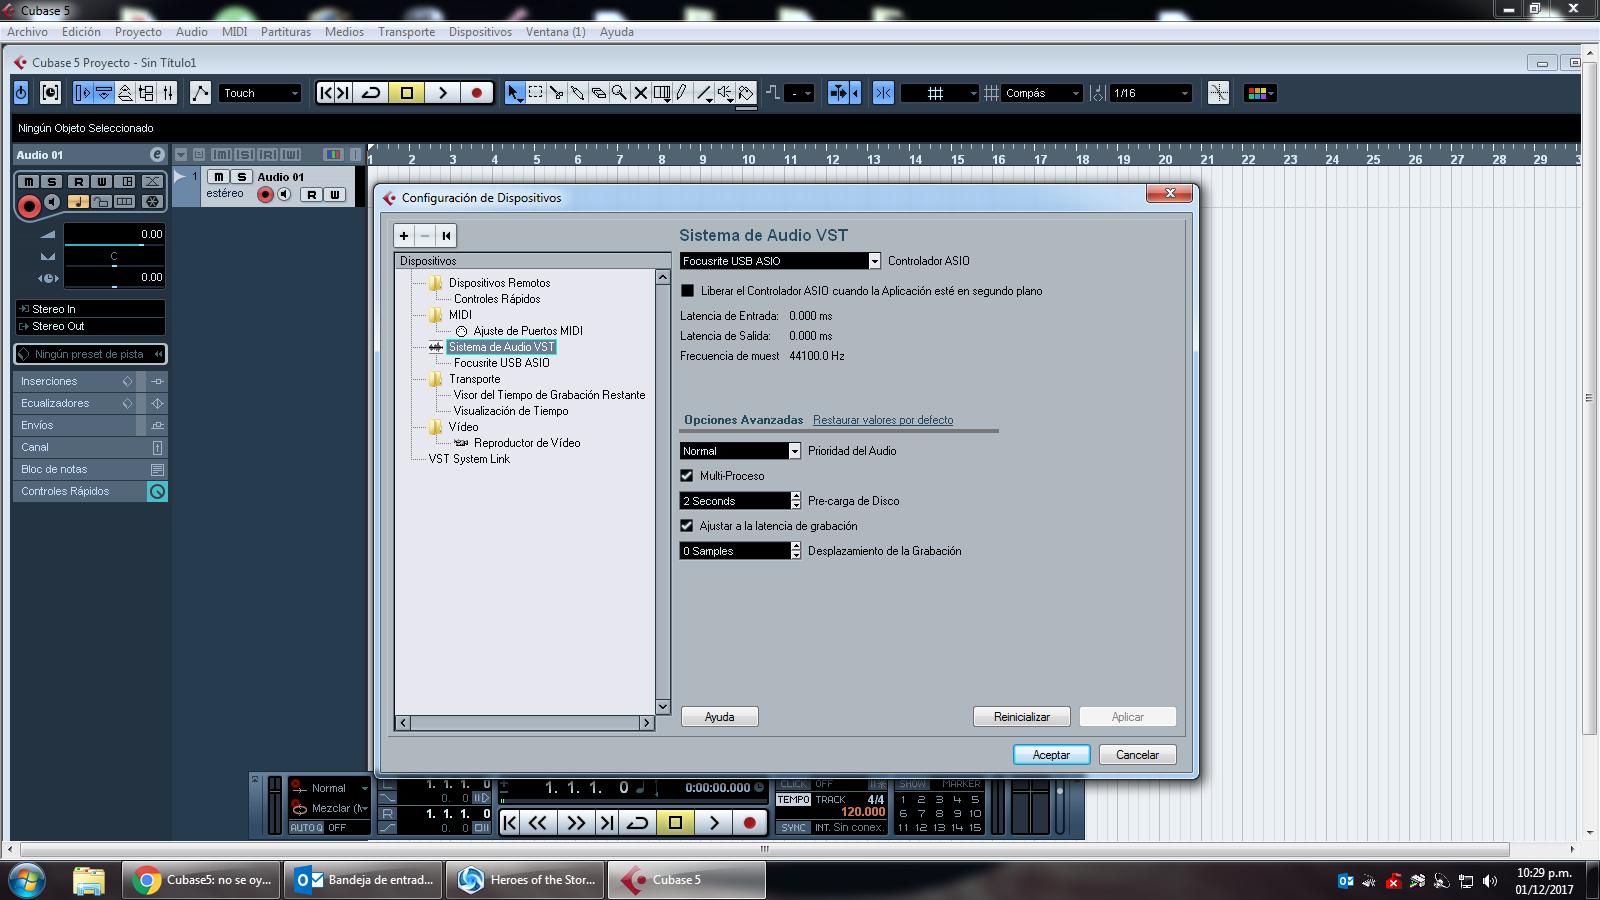 1_Configuraci_n_de_dispositivos.png